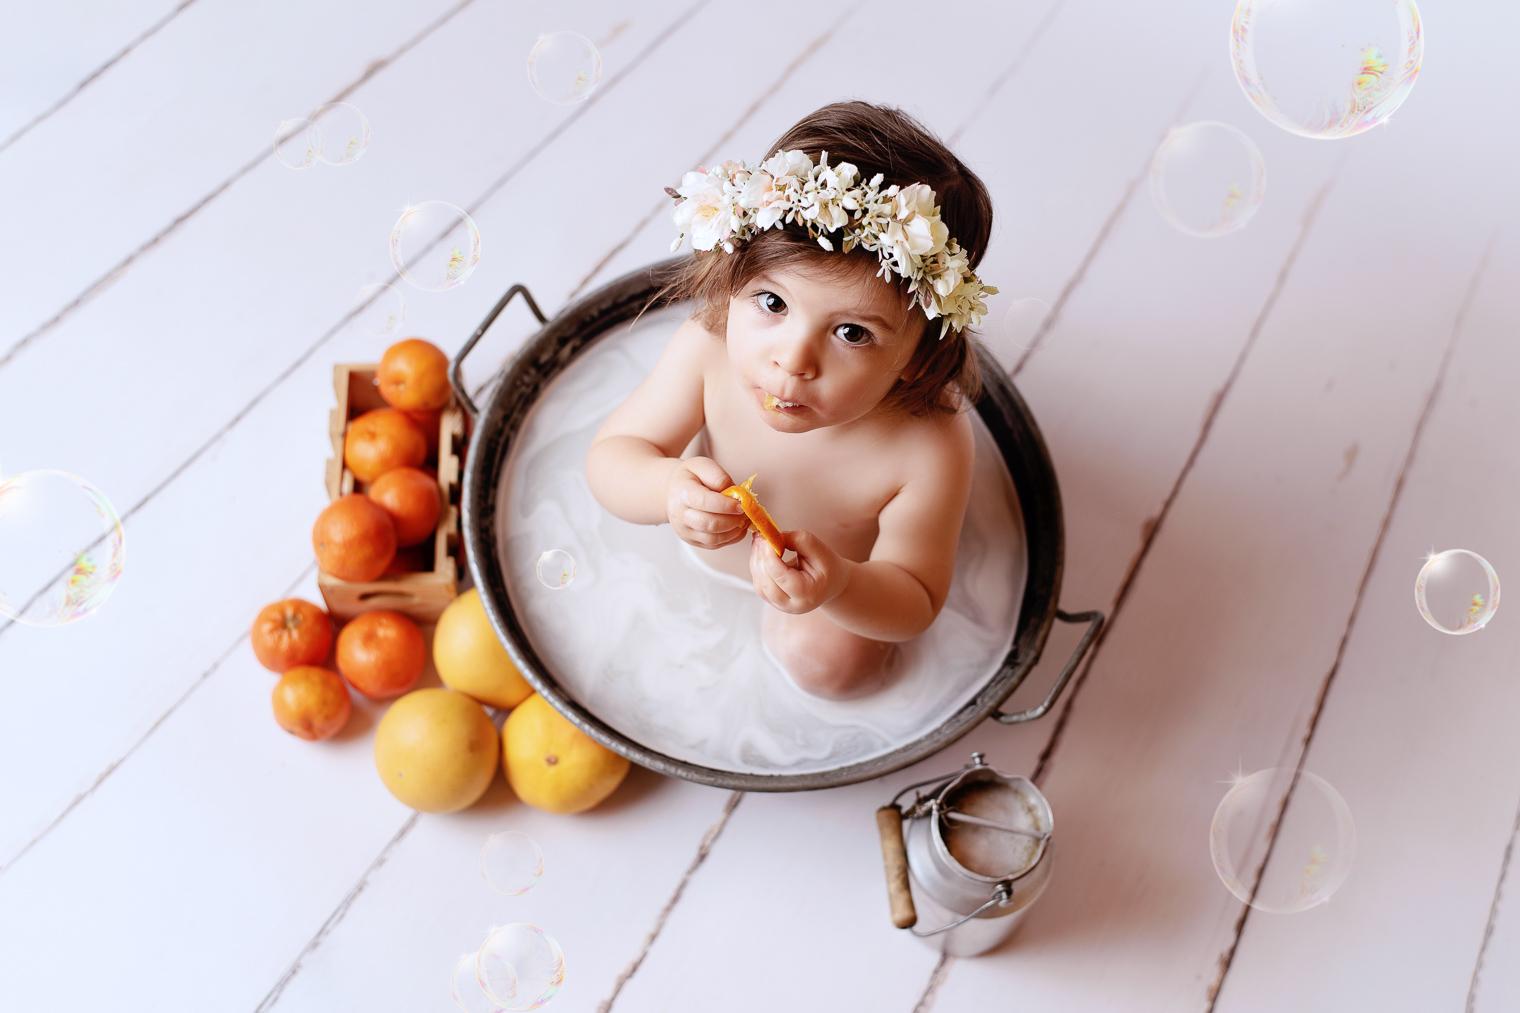 belinda lopez photo bebe enfant bain de lait photographie famille grossesse nouveau-ne maternite photographe bourg-saint-maurice savoie belindalopez.fr-2